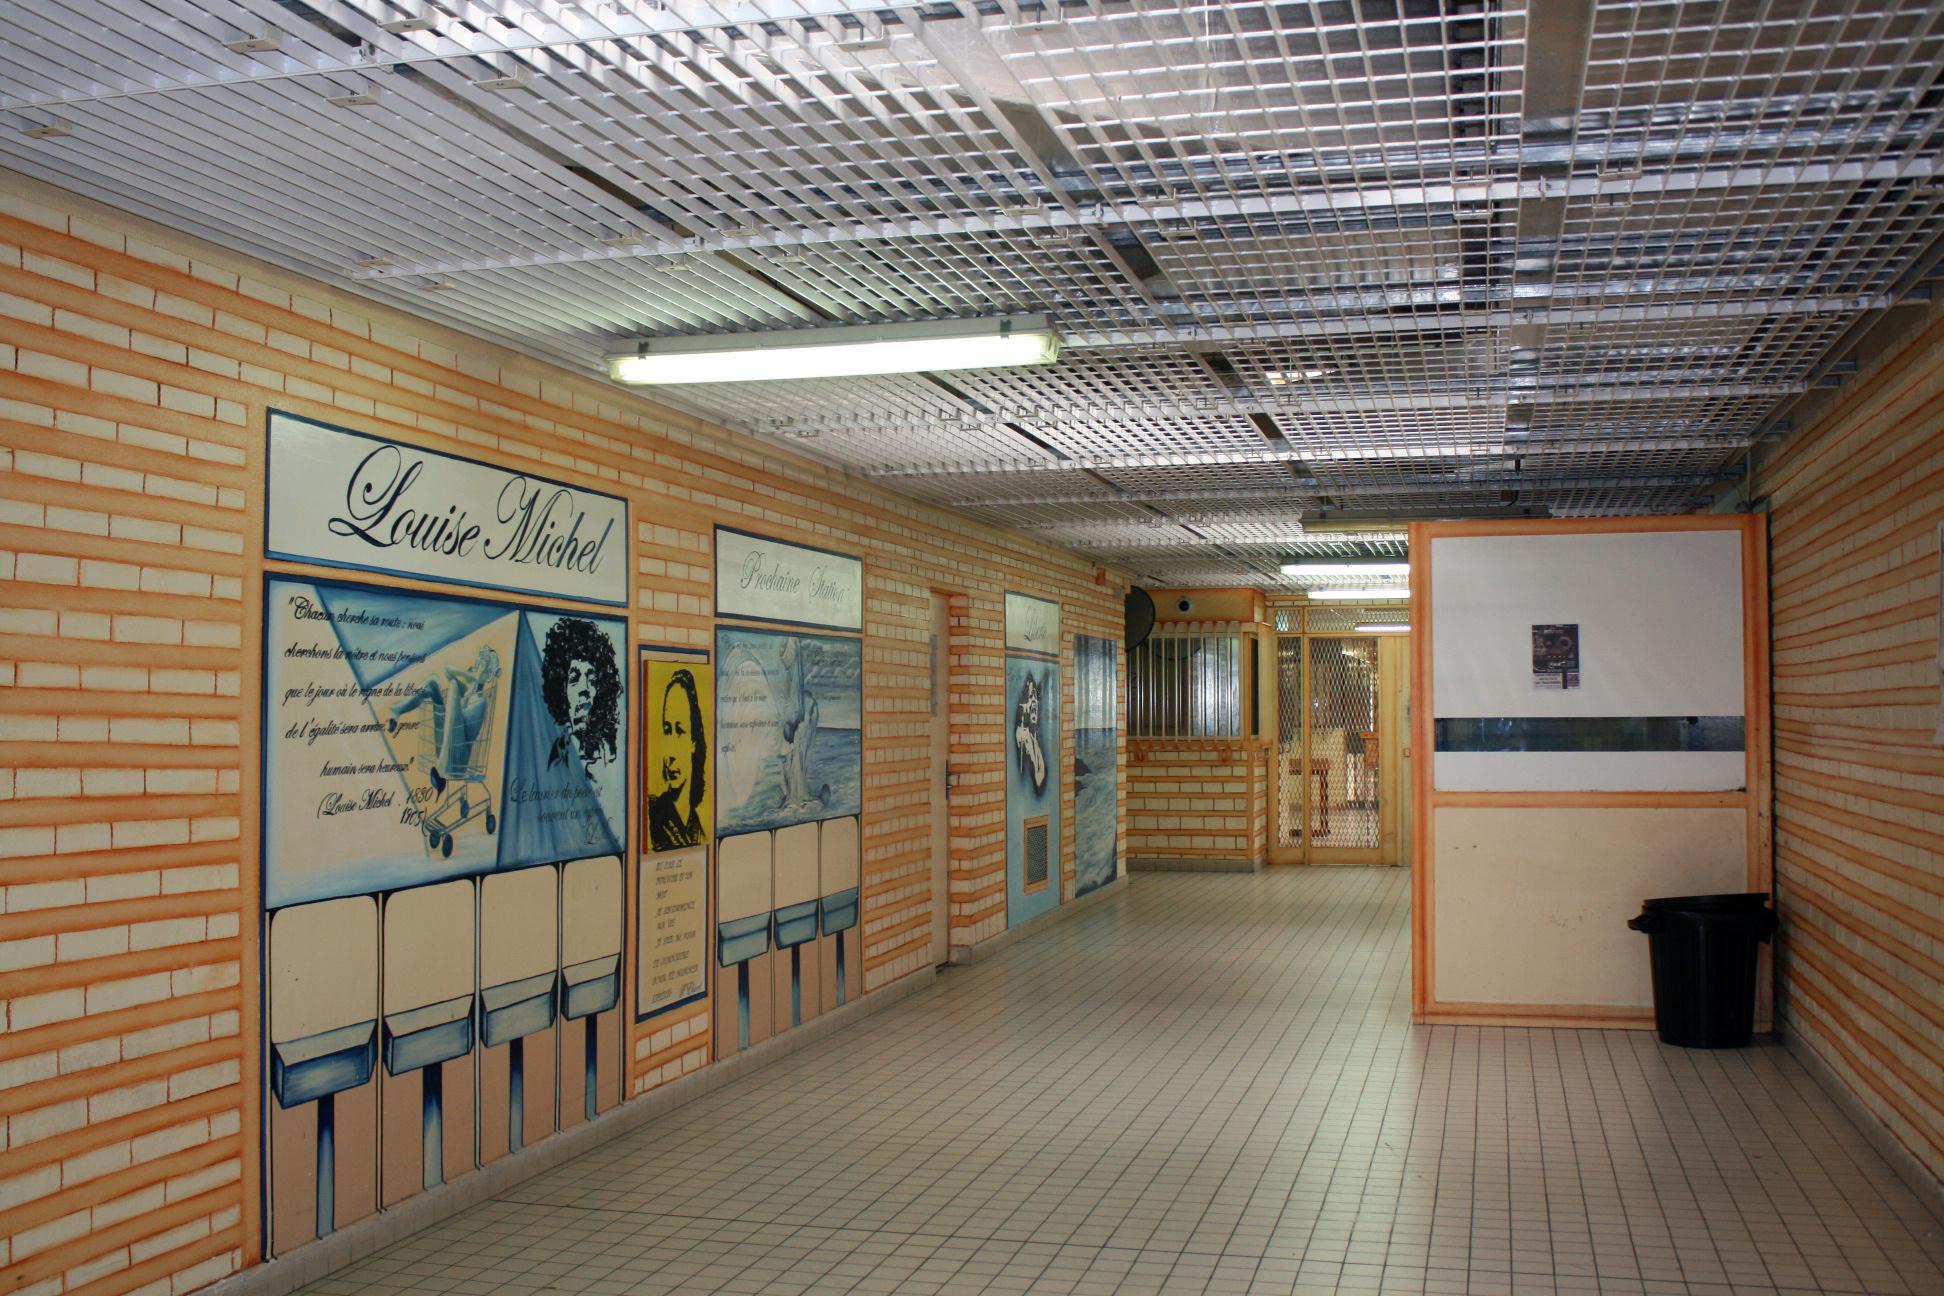 Le couloir qui mène au quartier socio-culturel de la centrale de Saint-Maur, dont les murs sont ornés de fresques réalisées par des détenus. Ici, une œuvre qui réunit Louise Michel, Jimi Hendrix et une femme nue dans un caddie.